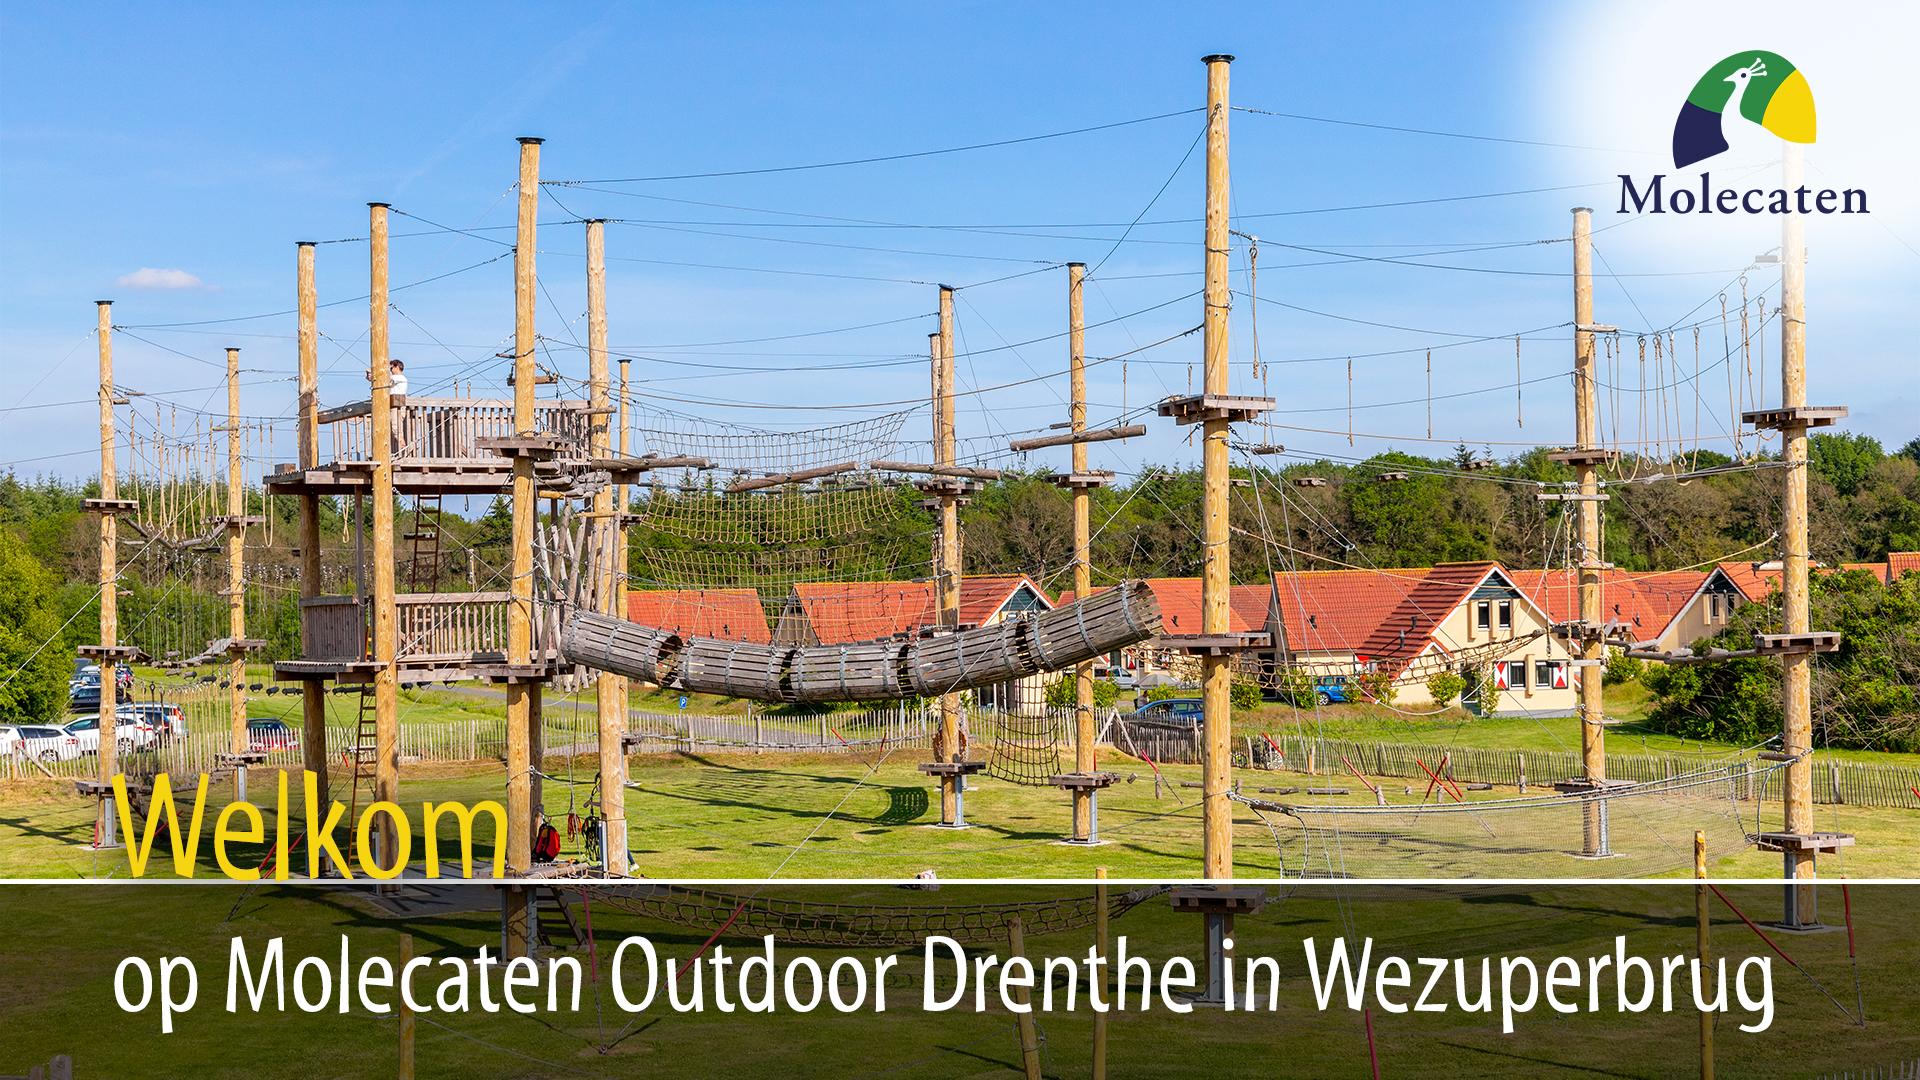 Molecaten Outdoor Drenthe in Wezuperbrug